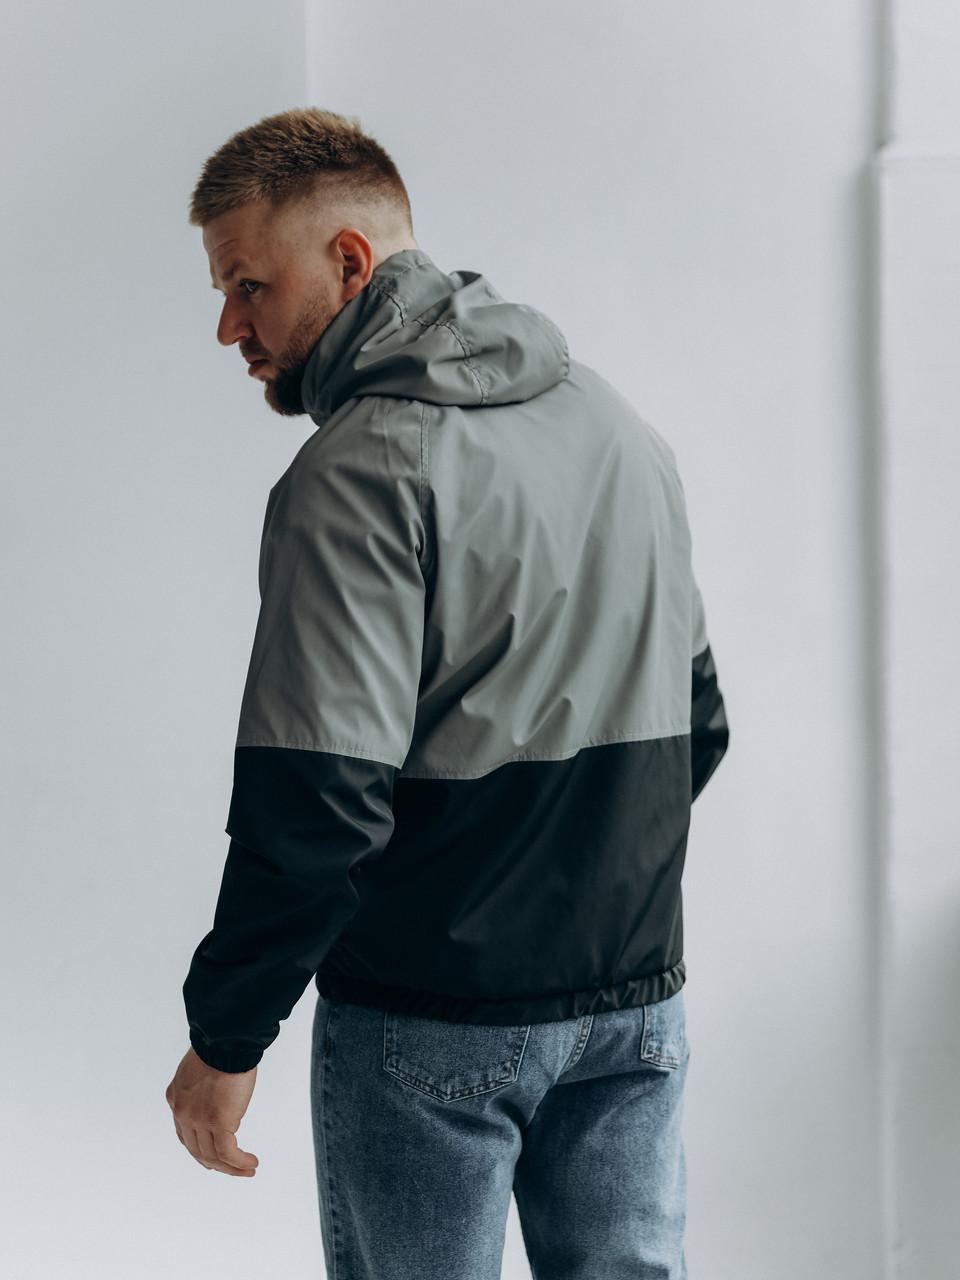 Чоловіча чорна весняна куртка з капюшоном/ Куртка молодіжна вітрозахисна чорна з кишенями, фото 2